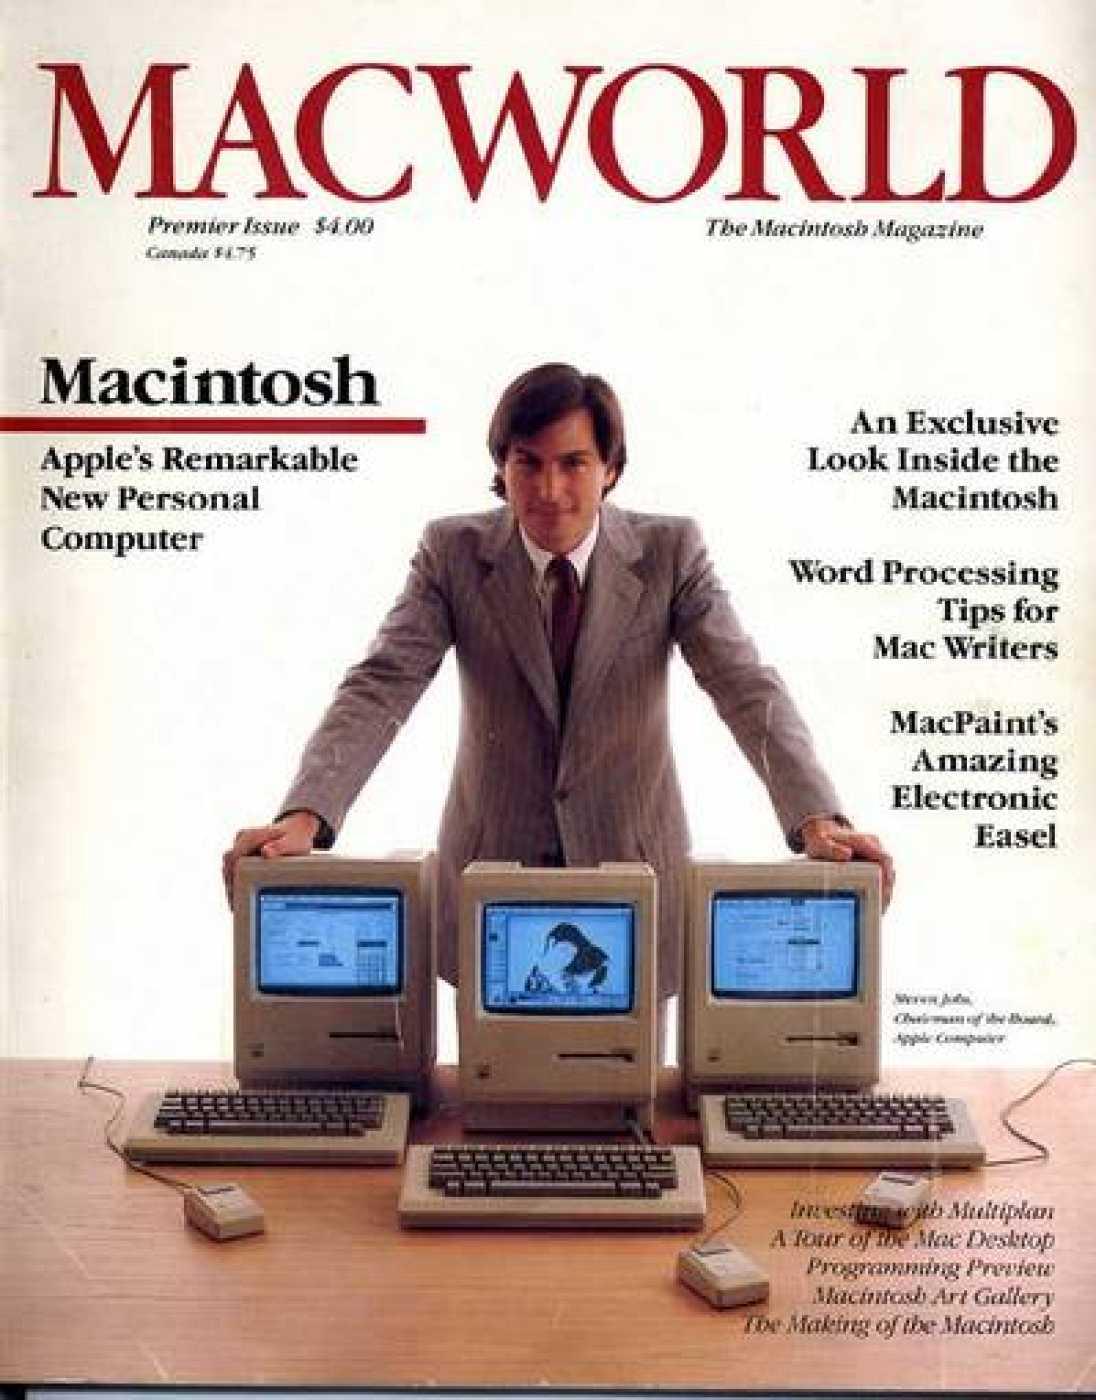 Ejemplar de la revista MacWorld en 1984, año de la presentación del primer Macintosh